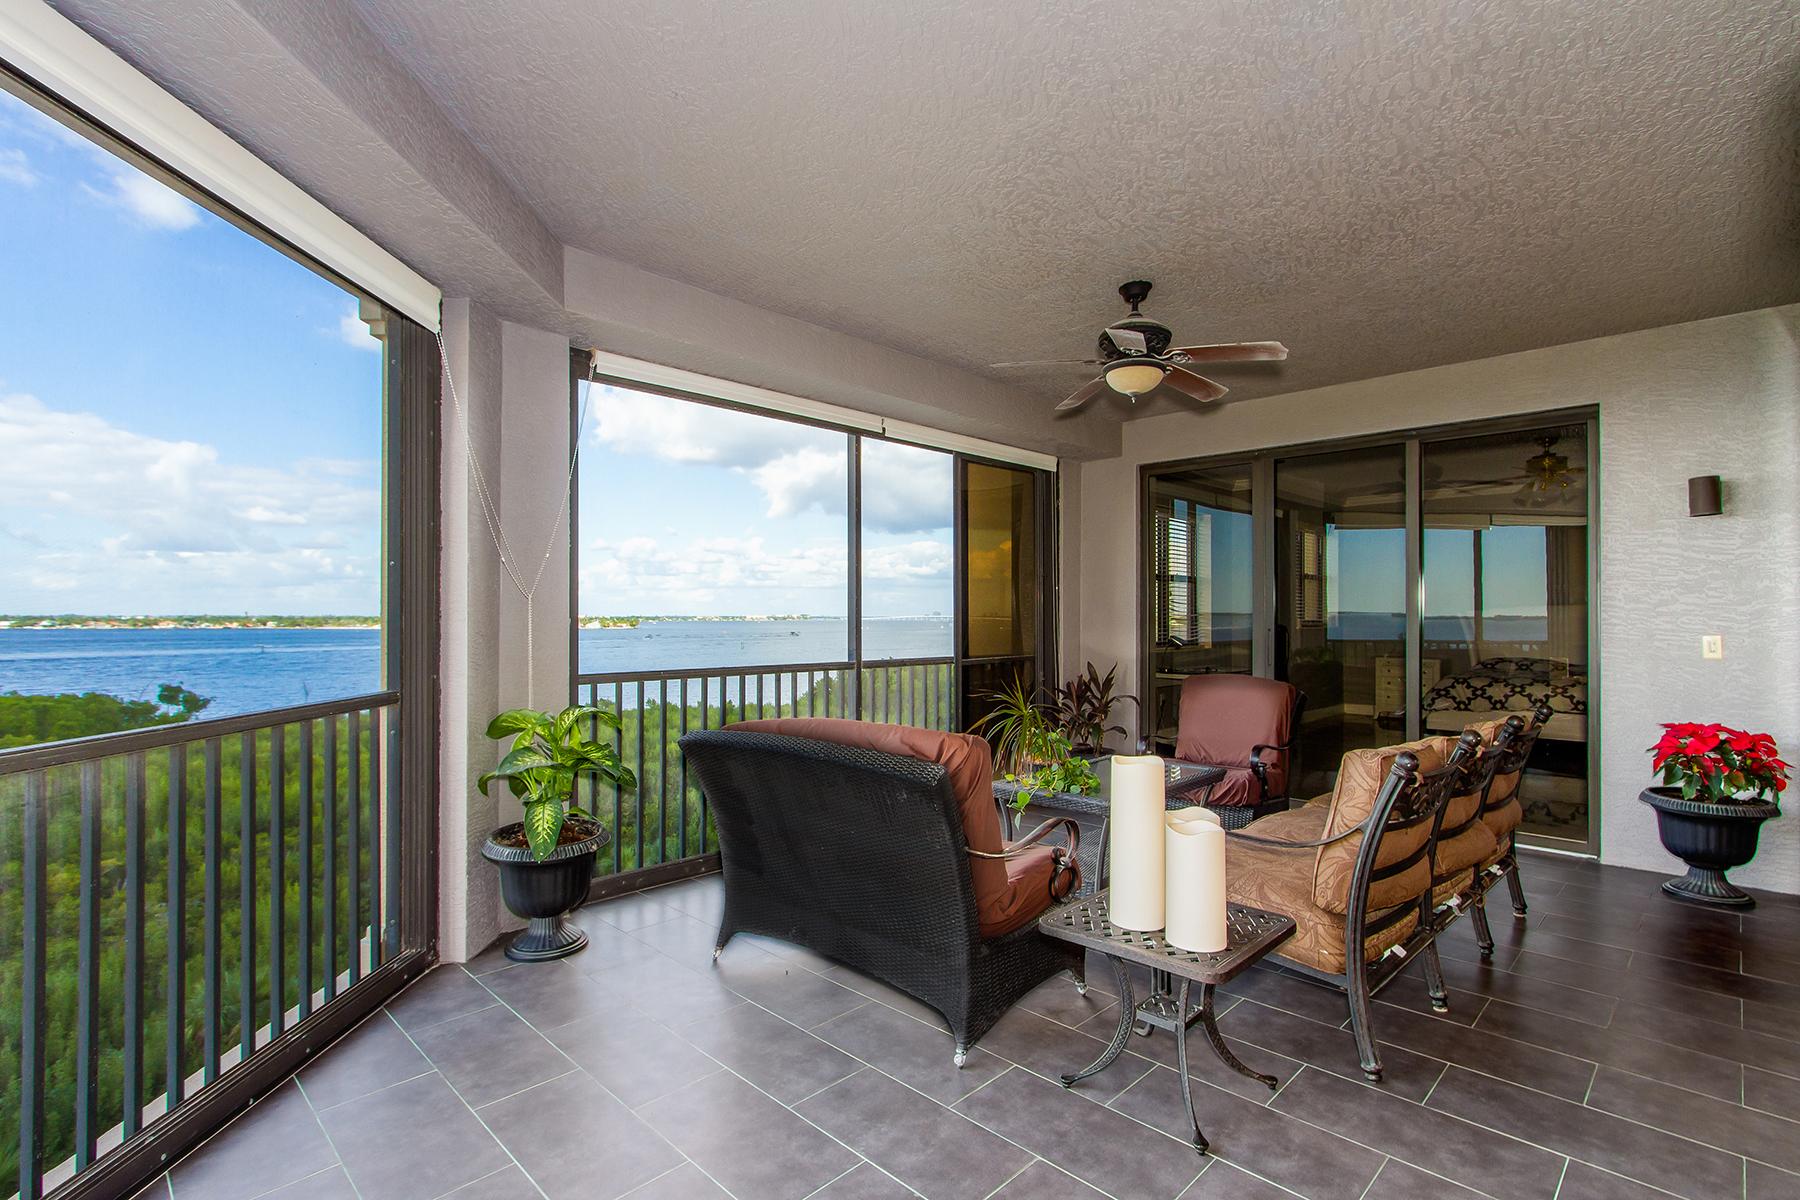 コンドミニアム のために 売買 アット GULF HARBOUR YACHT & COUNTRY CLUB - PALMAS DEL SOL 11600 Court Of Palms 402 Fort Myers, フロリダ, 33908 アメリカ合衆国